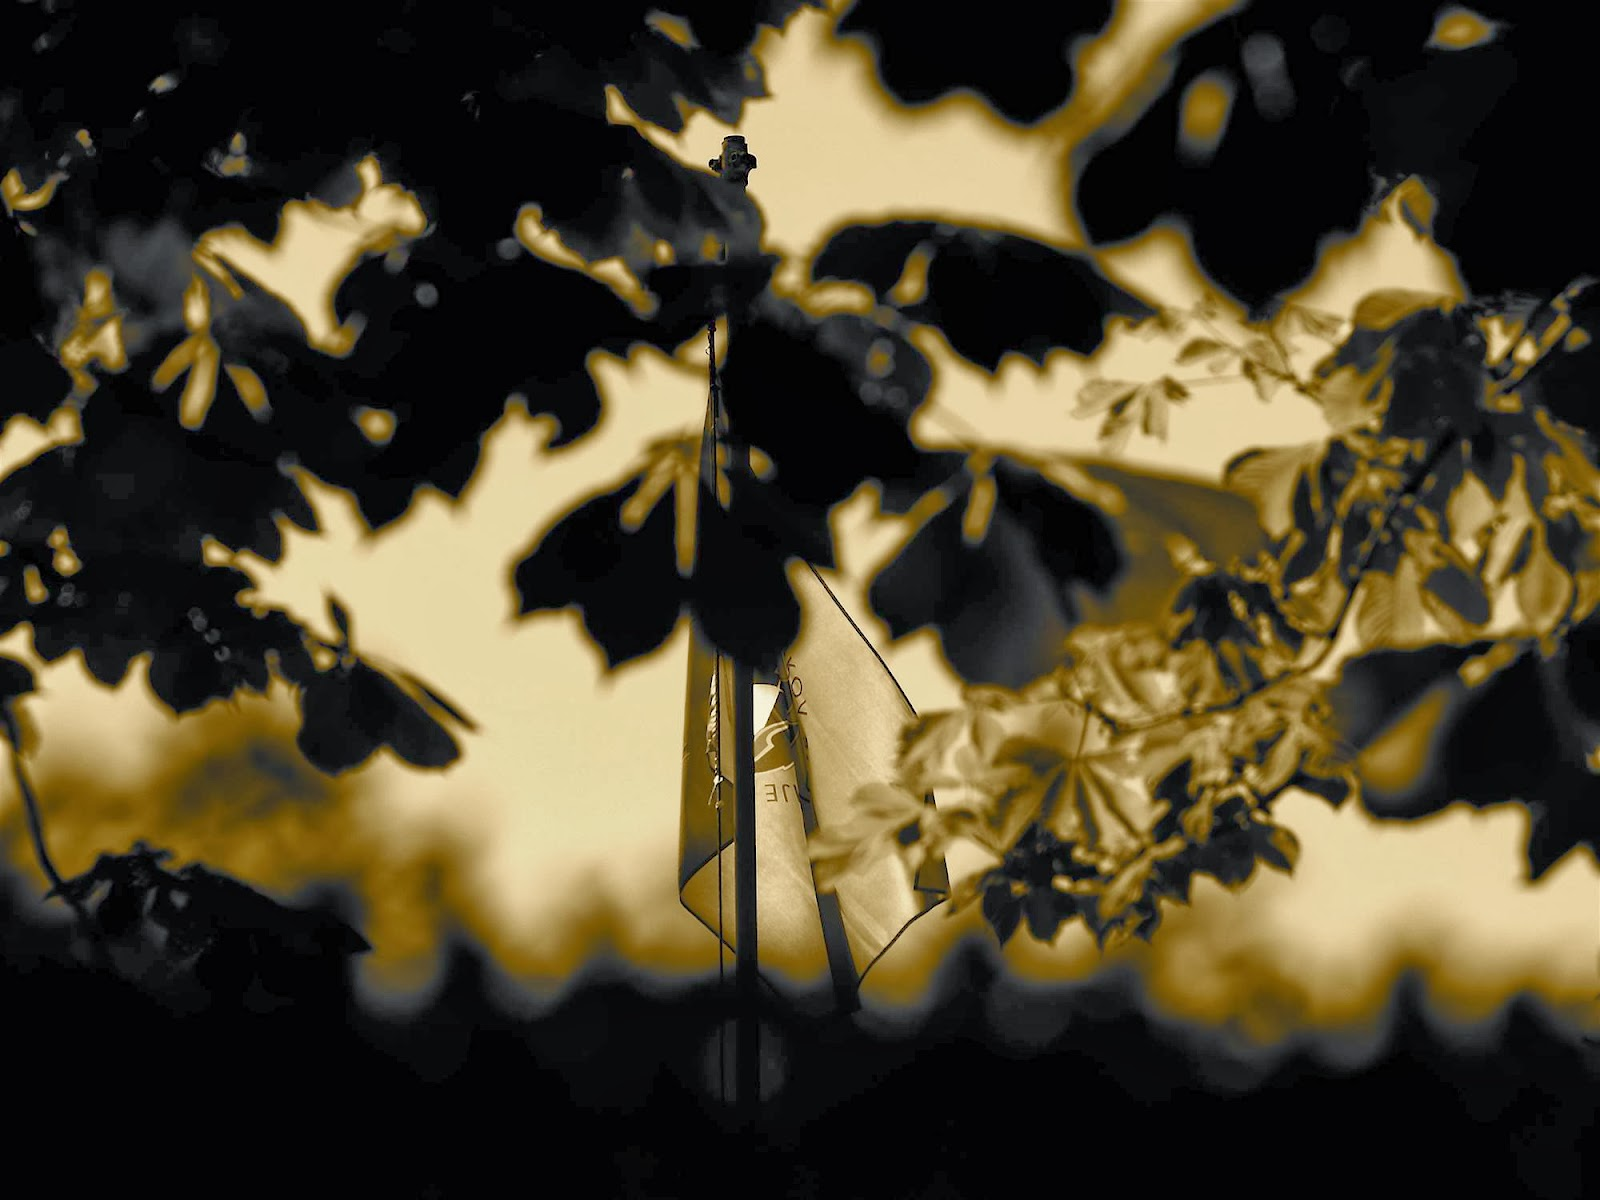 Področni mnogoboj, Sežana 2007 - P0207157.JPG